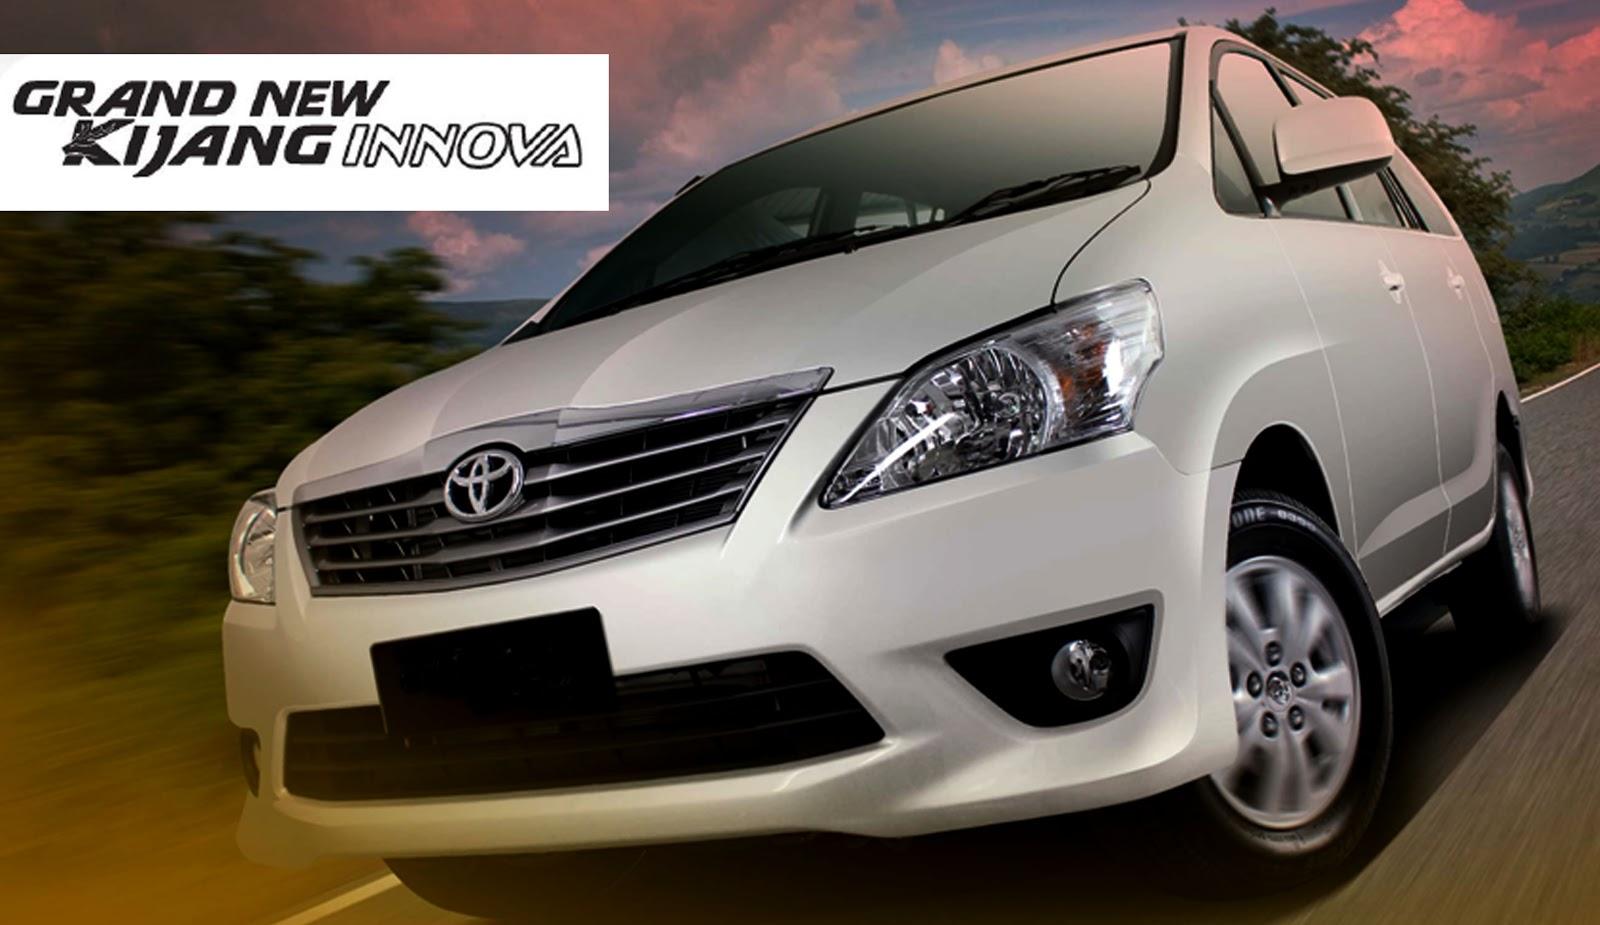 Spesifikasi Toyota All New Kijang Innova Interior Grand Avanza 1.3 G A/t Review Otomotif